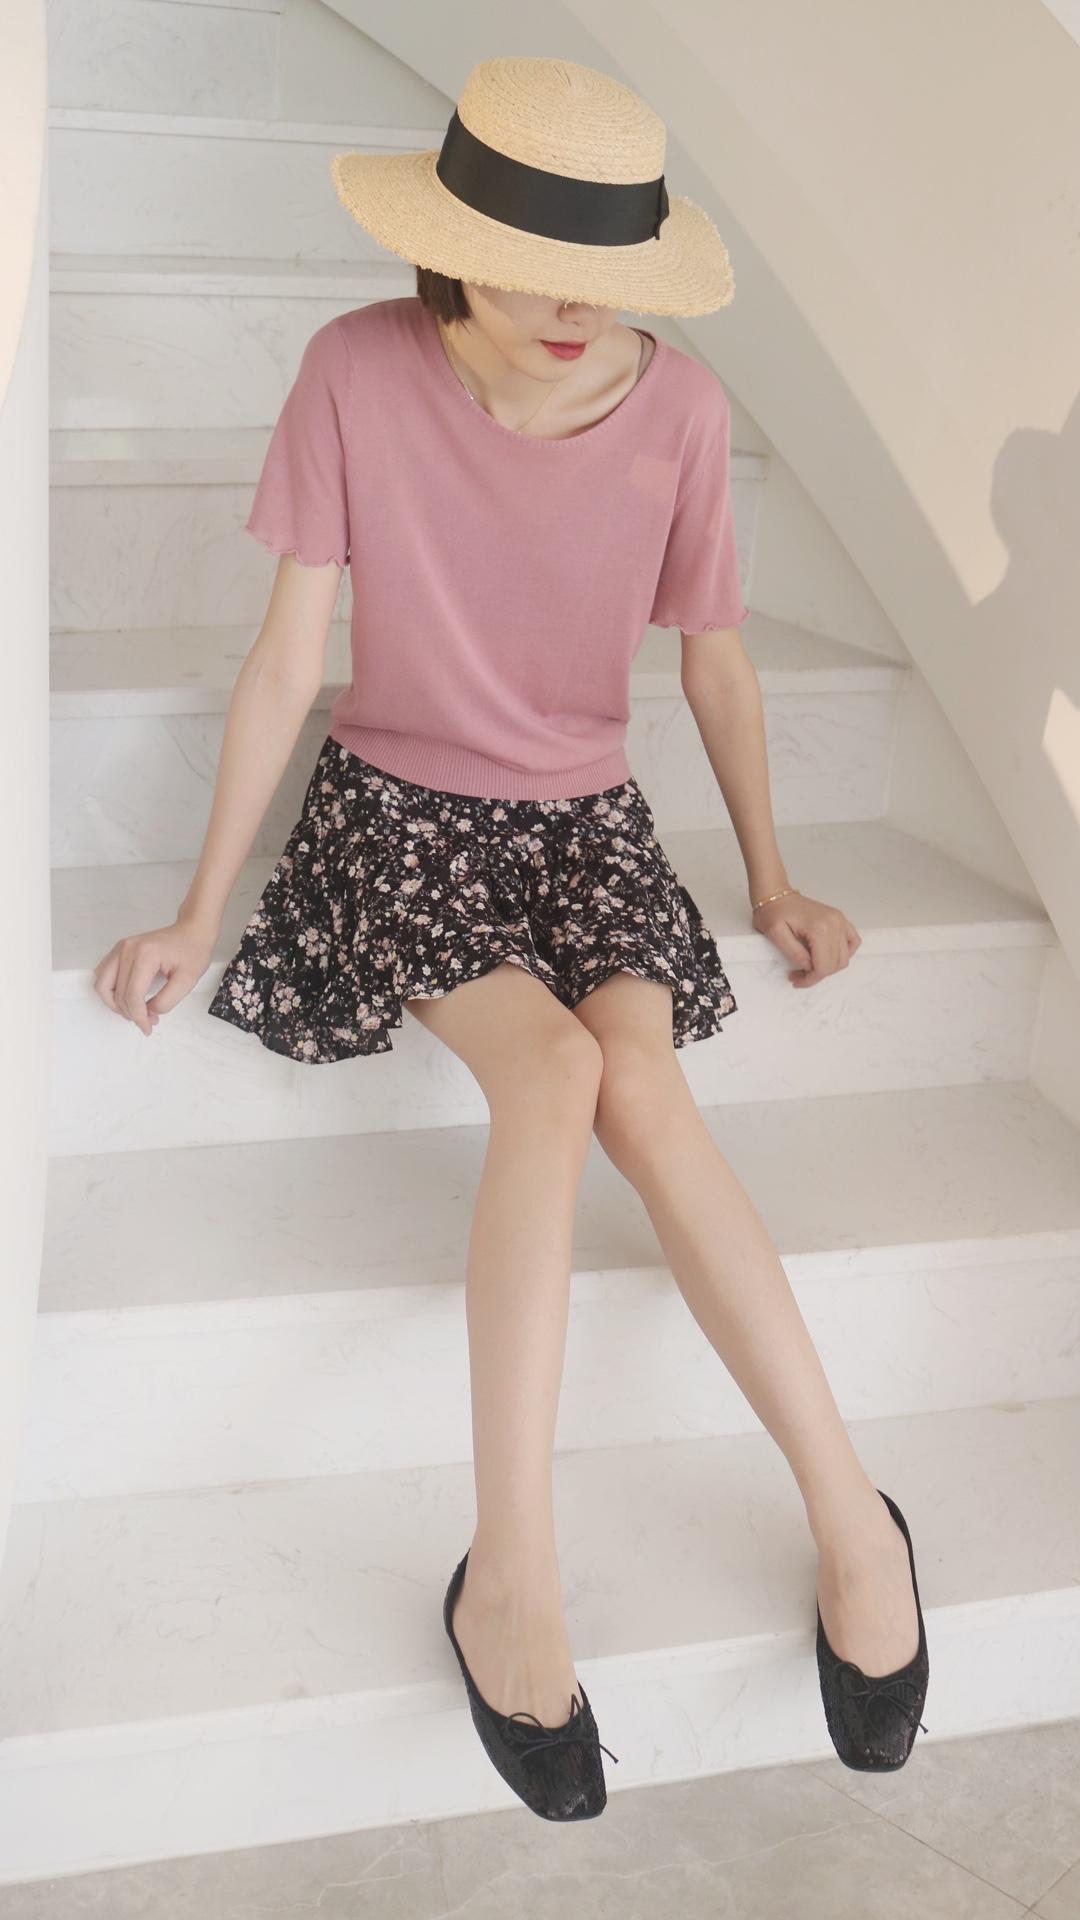 #小仙女的长腿搭配秘籍# 粉红粉红的一天~少女心的代表颜色之一💓 减龄最突出的还是娃娃鞋 蝴蝶结的装饰 风格淑女少女可爱之间随意切换❣️ 半裙是碎花图案 穿上去那一刻爱了 滑滑的面料 还有打底 版型俏皮 又显腿长 搭配纯色上衣就很好看了🥳